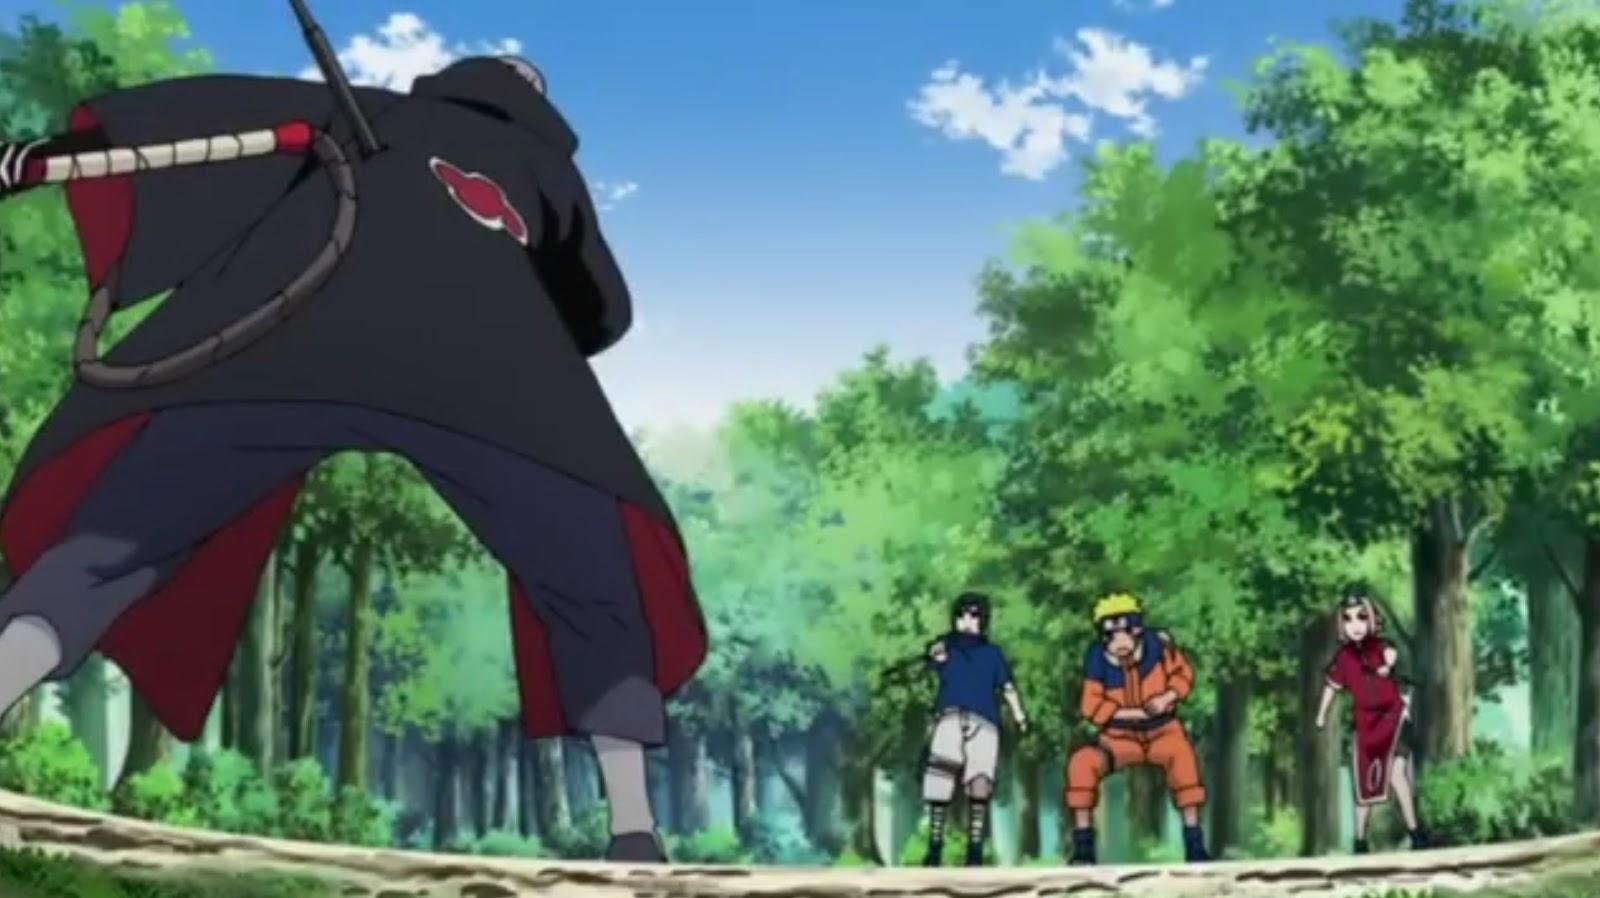 Naruto Shippuden Episódio 434, Assistir Naruto Shippuden Episódio 434, Assistir Naruto Shippuden Todos os Episódios Legendado, Naruto Shippuden episódio 434,HD